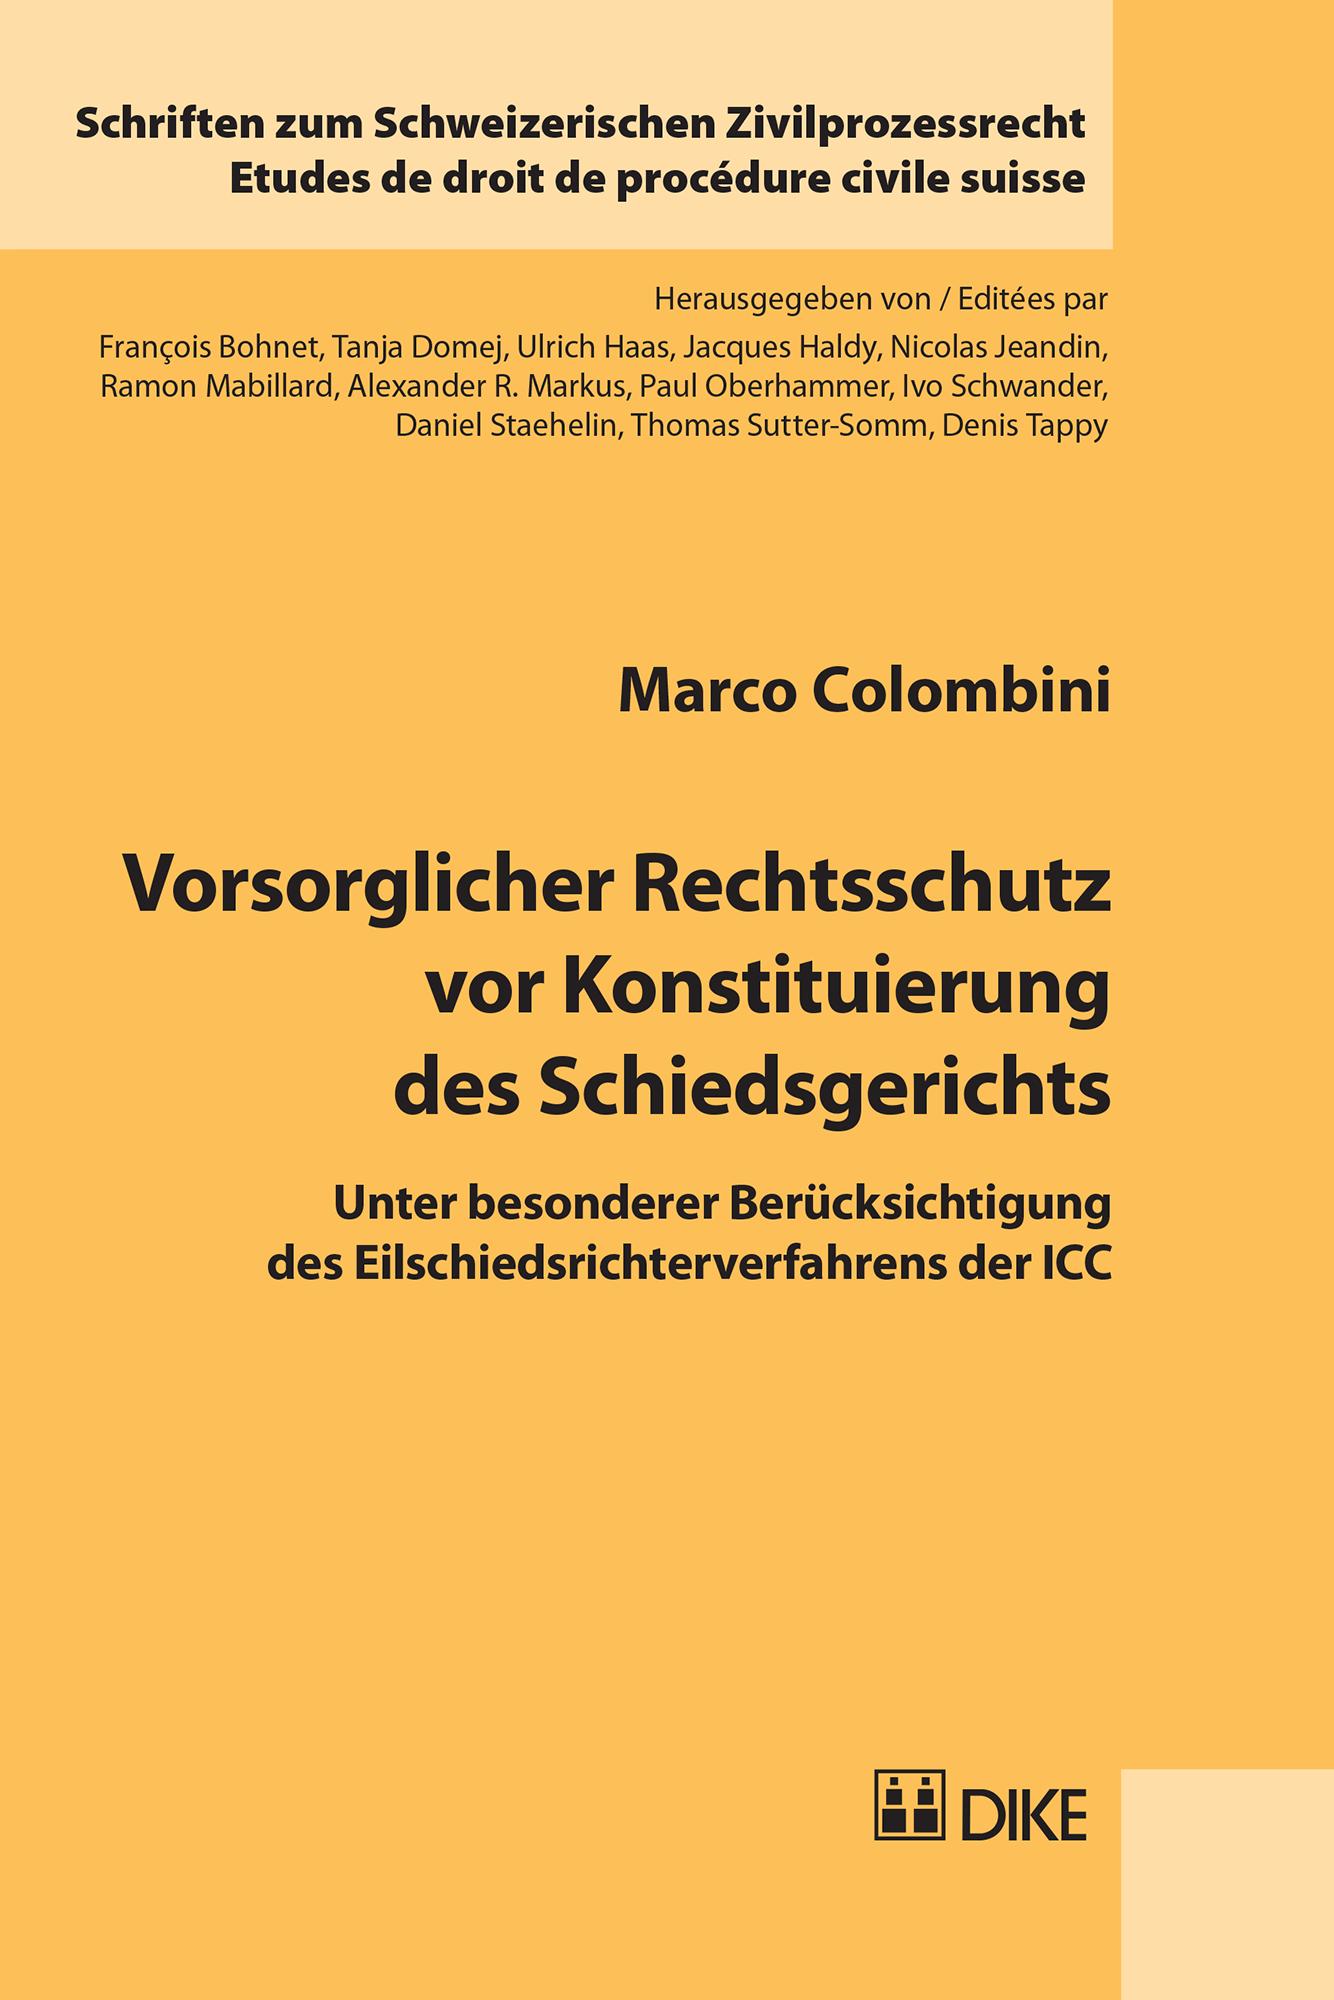 Vorsorglicher Rechtsschutz vor Konstituierung des Schiedsgerichts